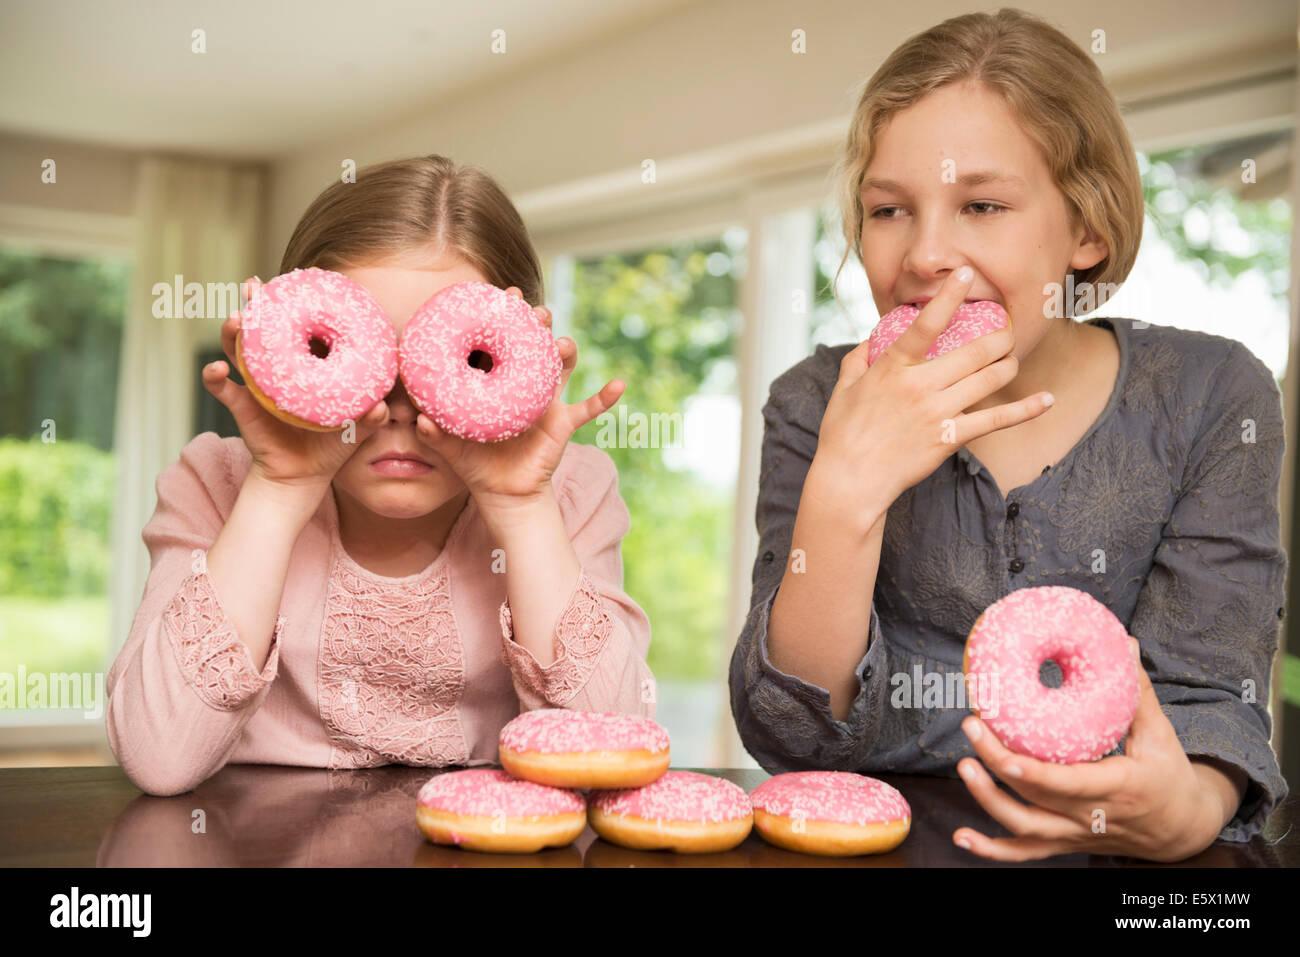 Deux sœurs une avec trous de beignes sur ses yeux, l'autre manger Banque D'Images